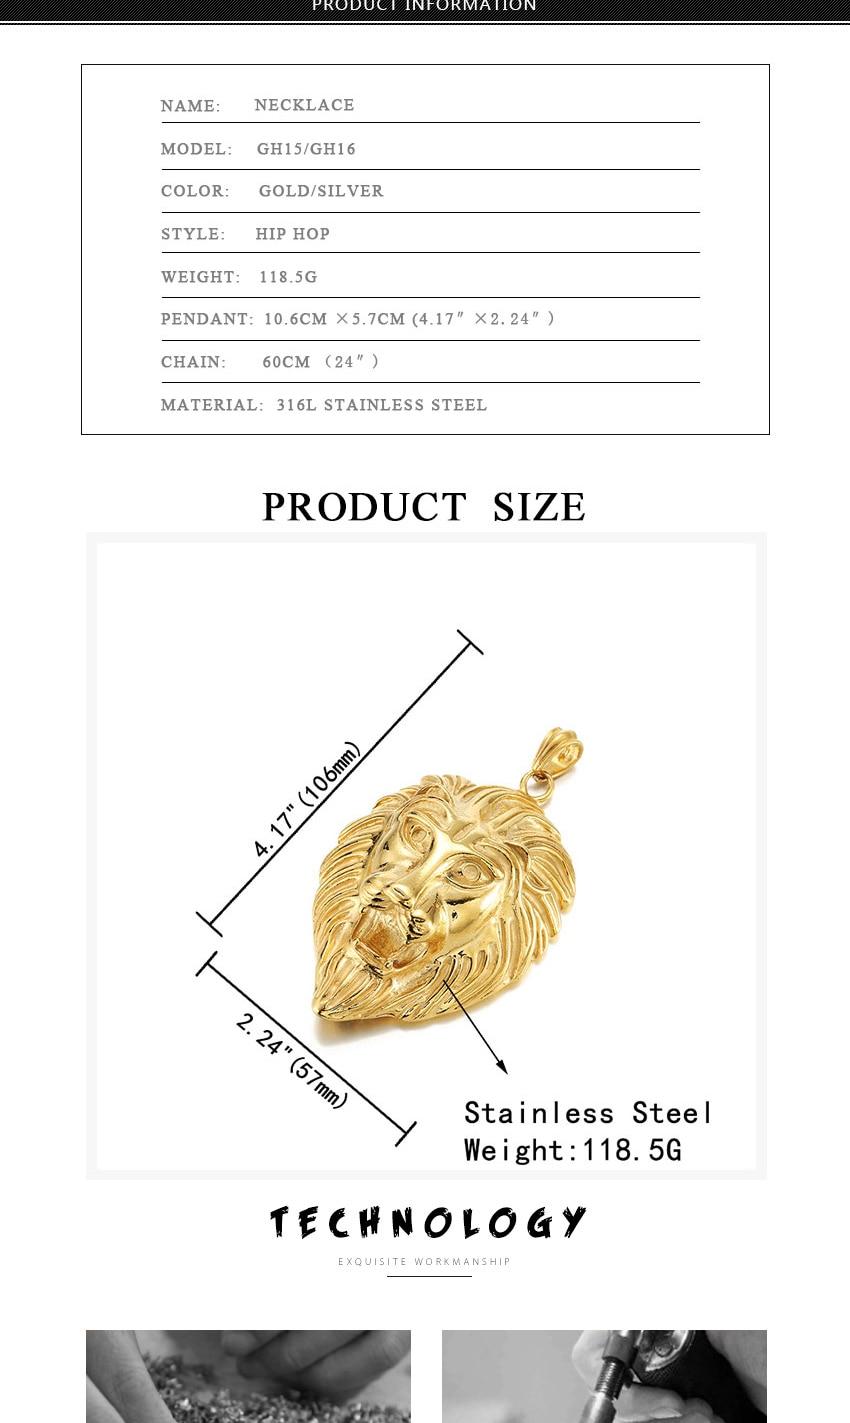 Kn/öpfe for Handwerk Yitang 5PCS Lion Metallkn/öpfe Mischfarben und Gr/ö/ßen handgemachte Knopf Malerei verwendet for Crafts DIY N/ähen Bekleidung Buttons Dekoration